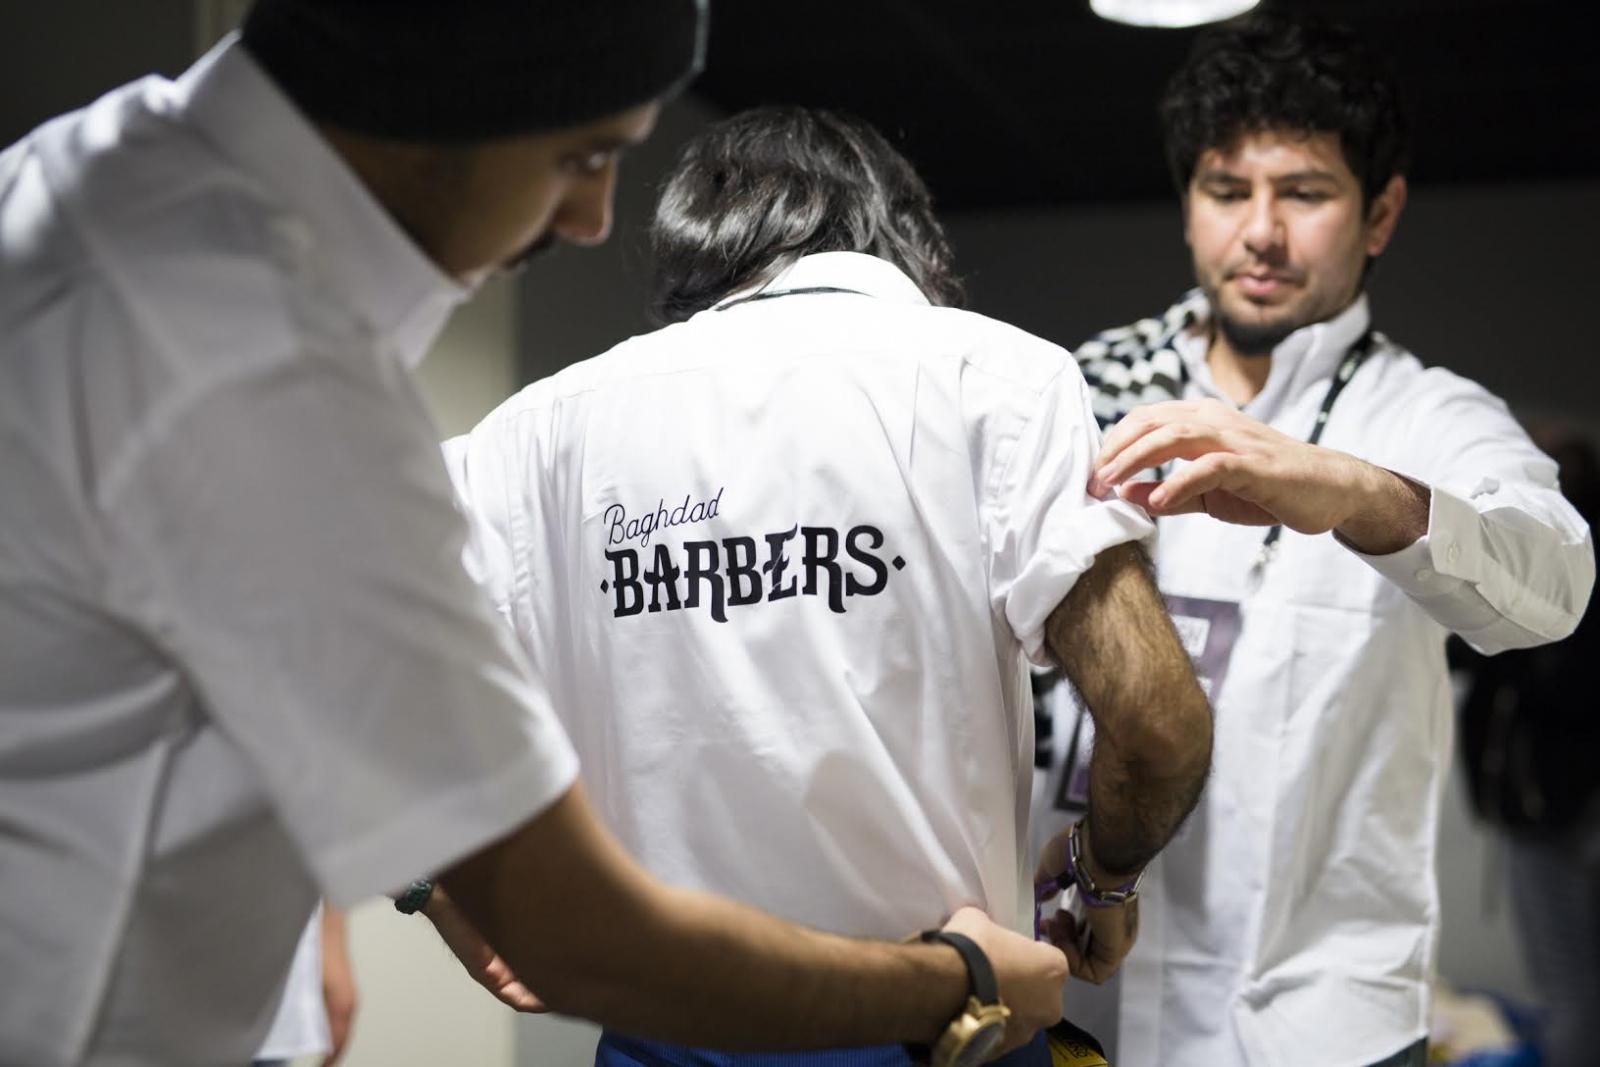 Baghdad barbers